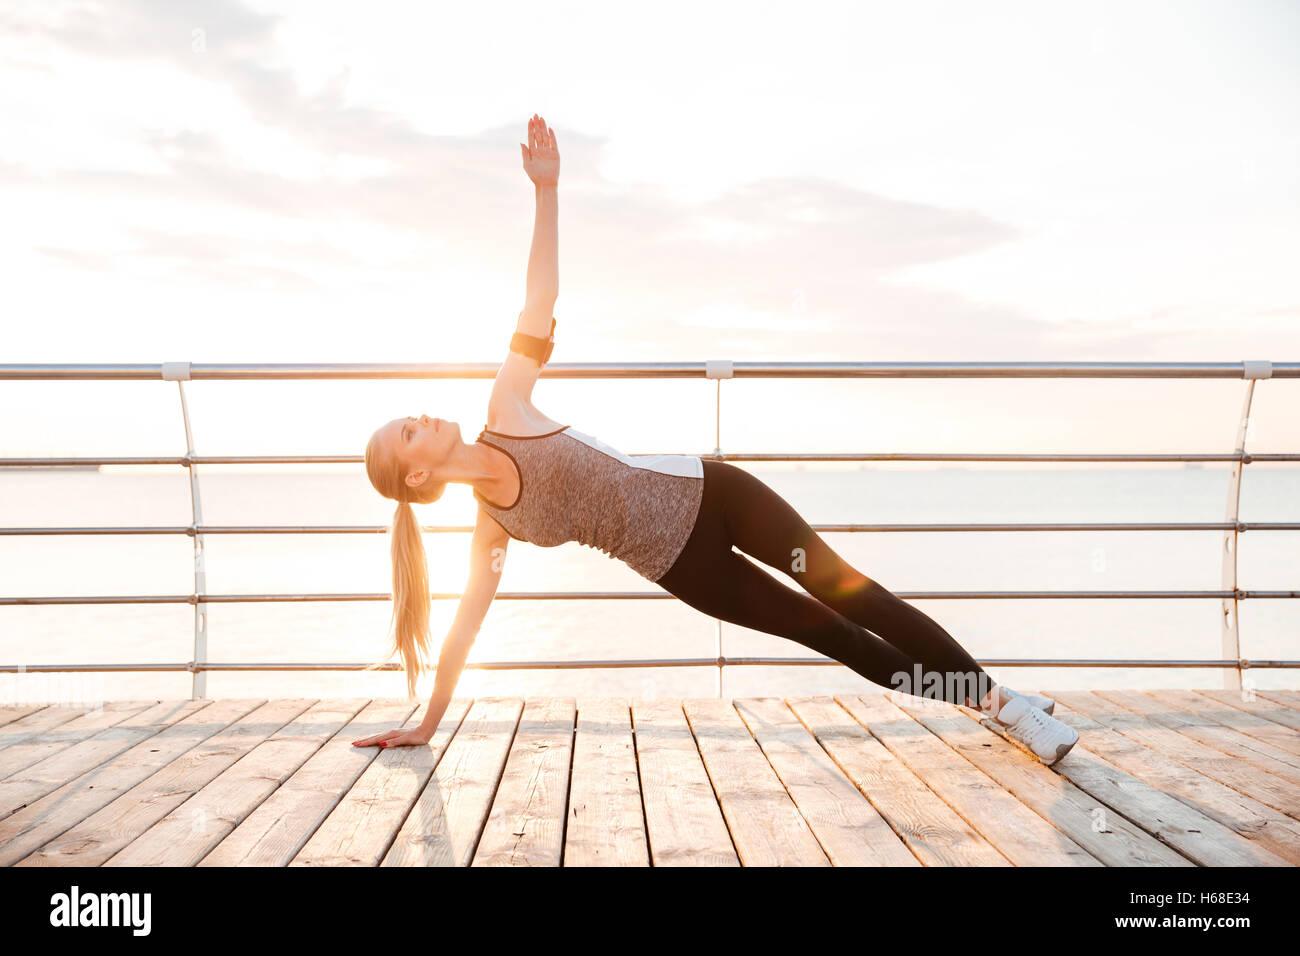 Sportliche Fitness Frau Beplankung Yoga machen Übungen im Freien am Beach pier Stockbild